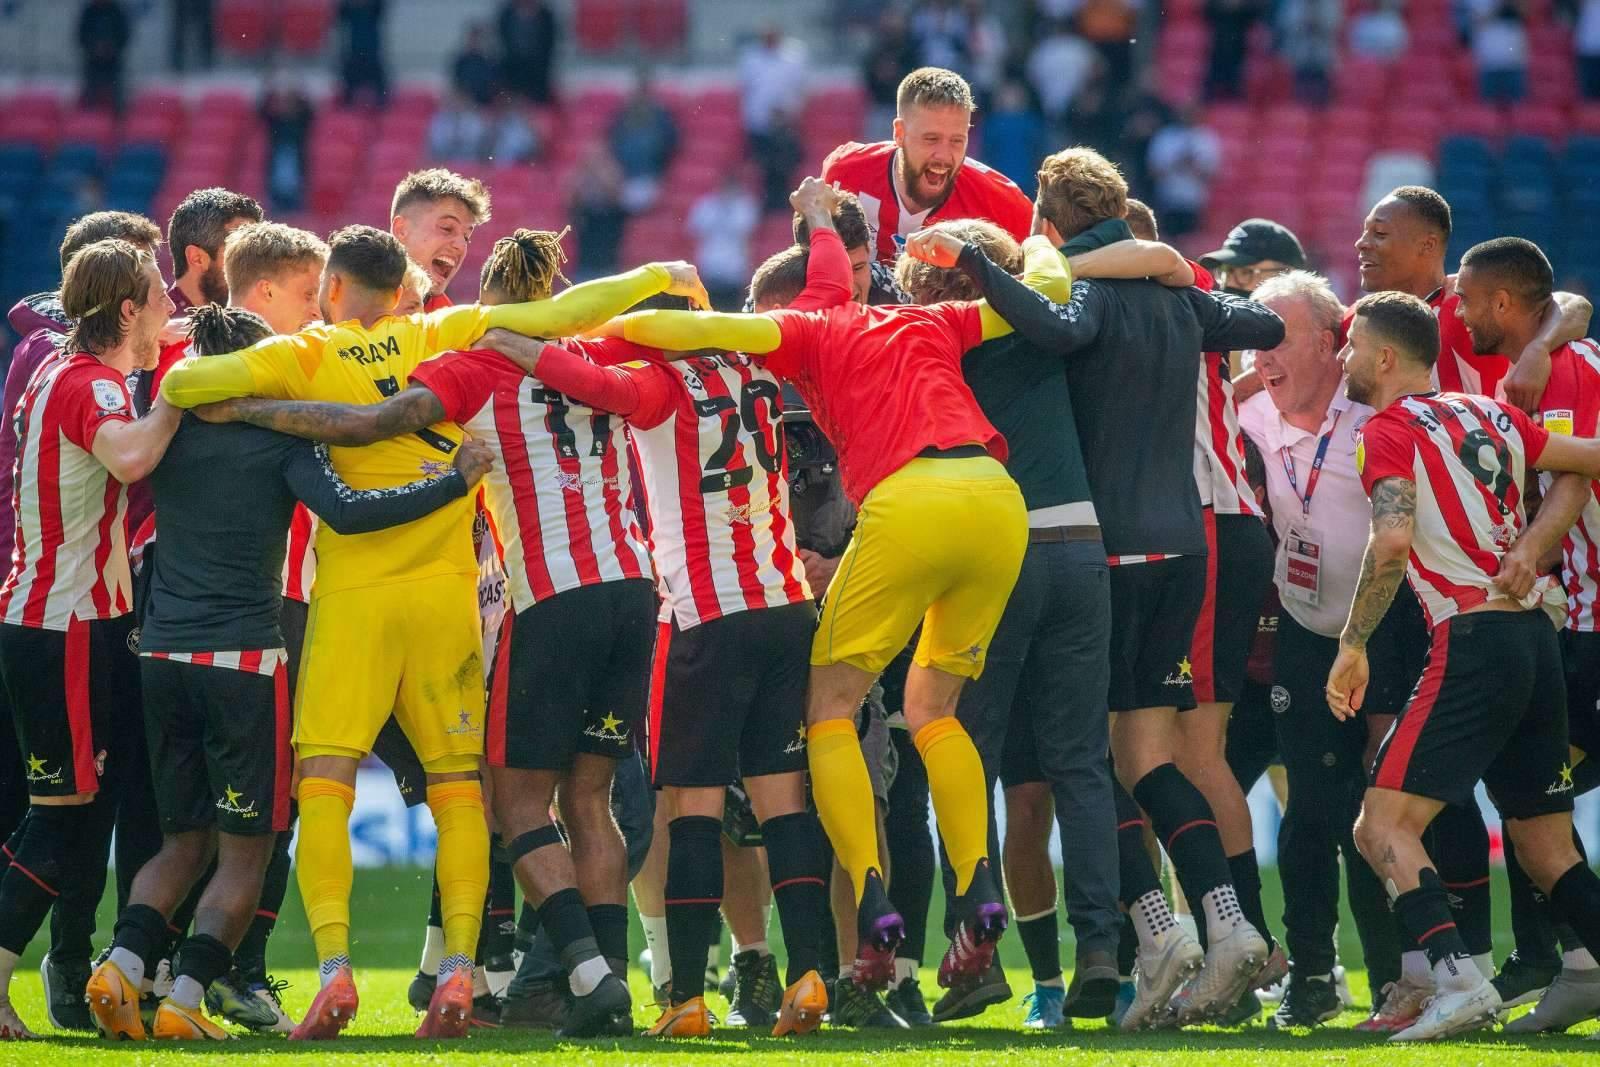 «Брентфорд» - «Брайтон»: прогноз на матч чемпионата Англии – 11 сентября 2021